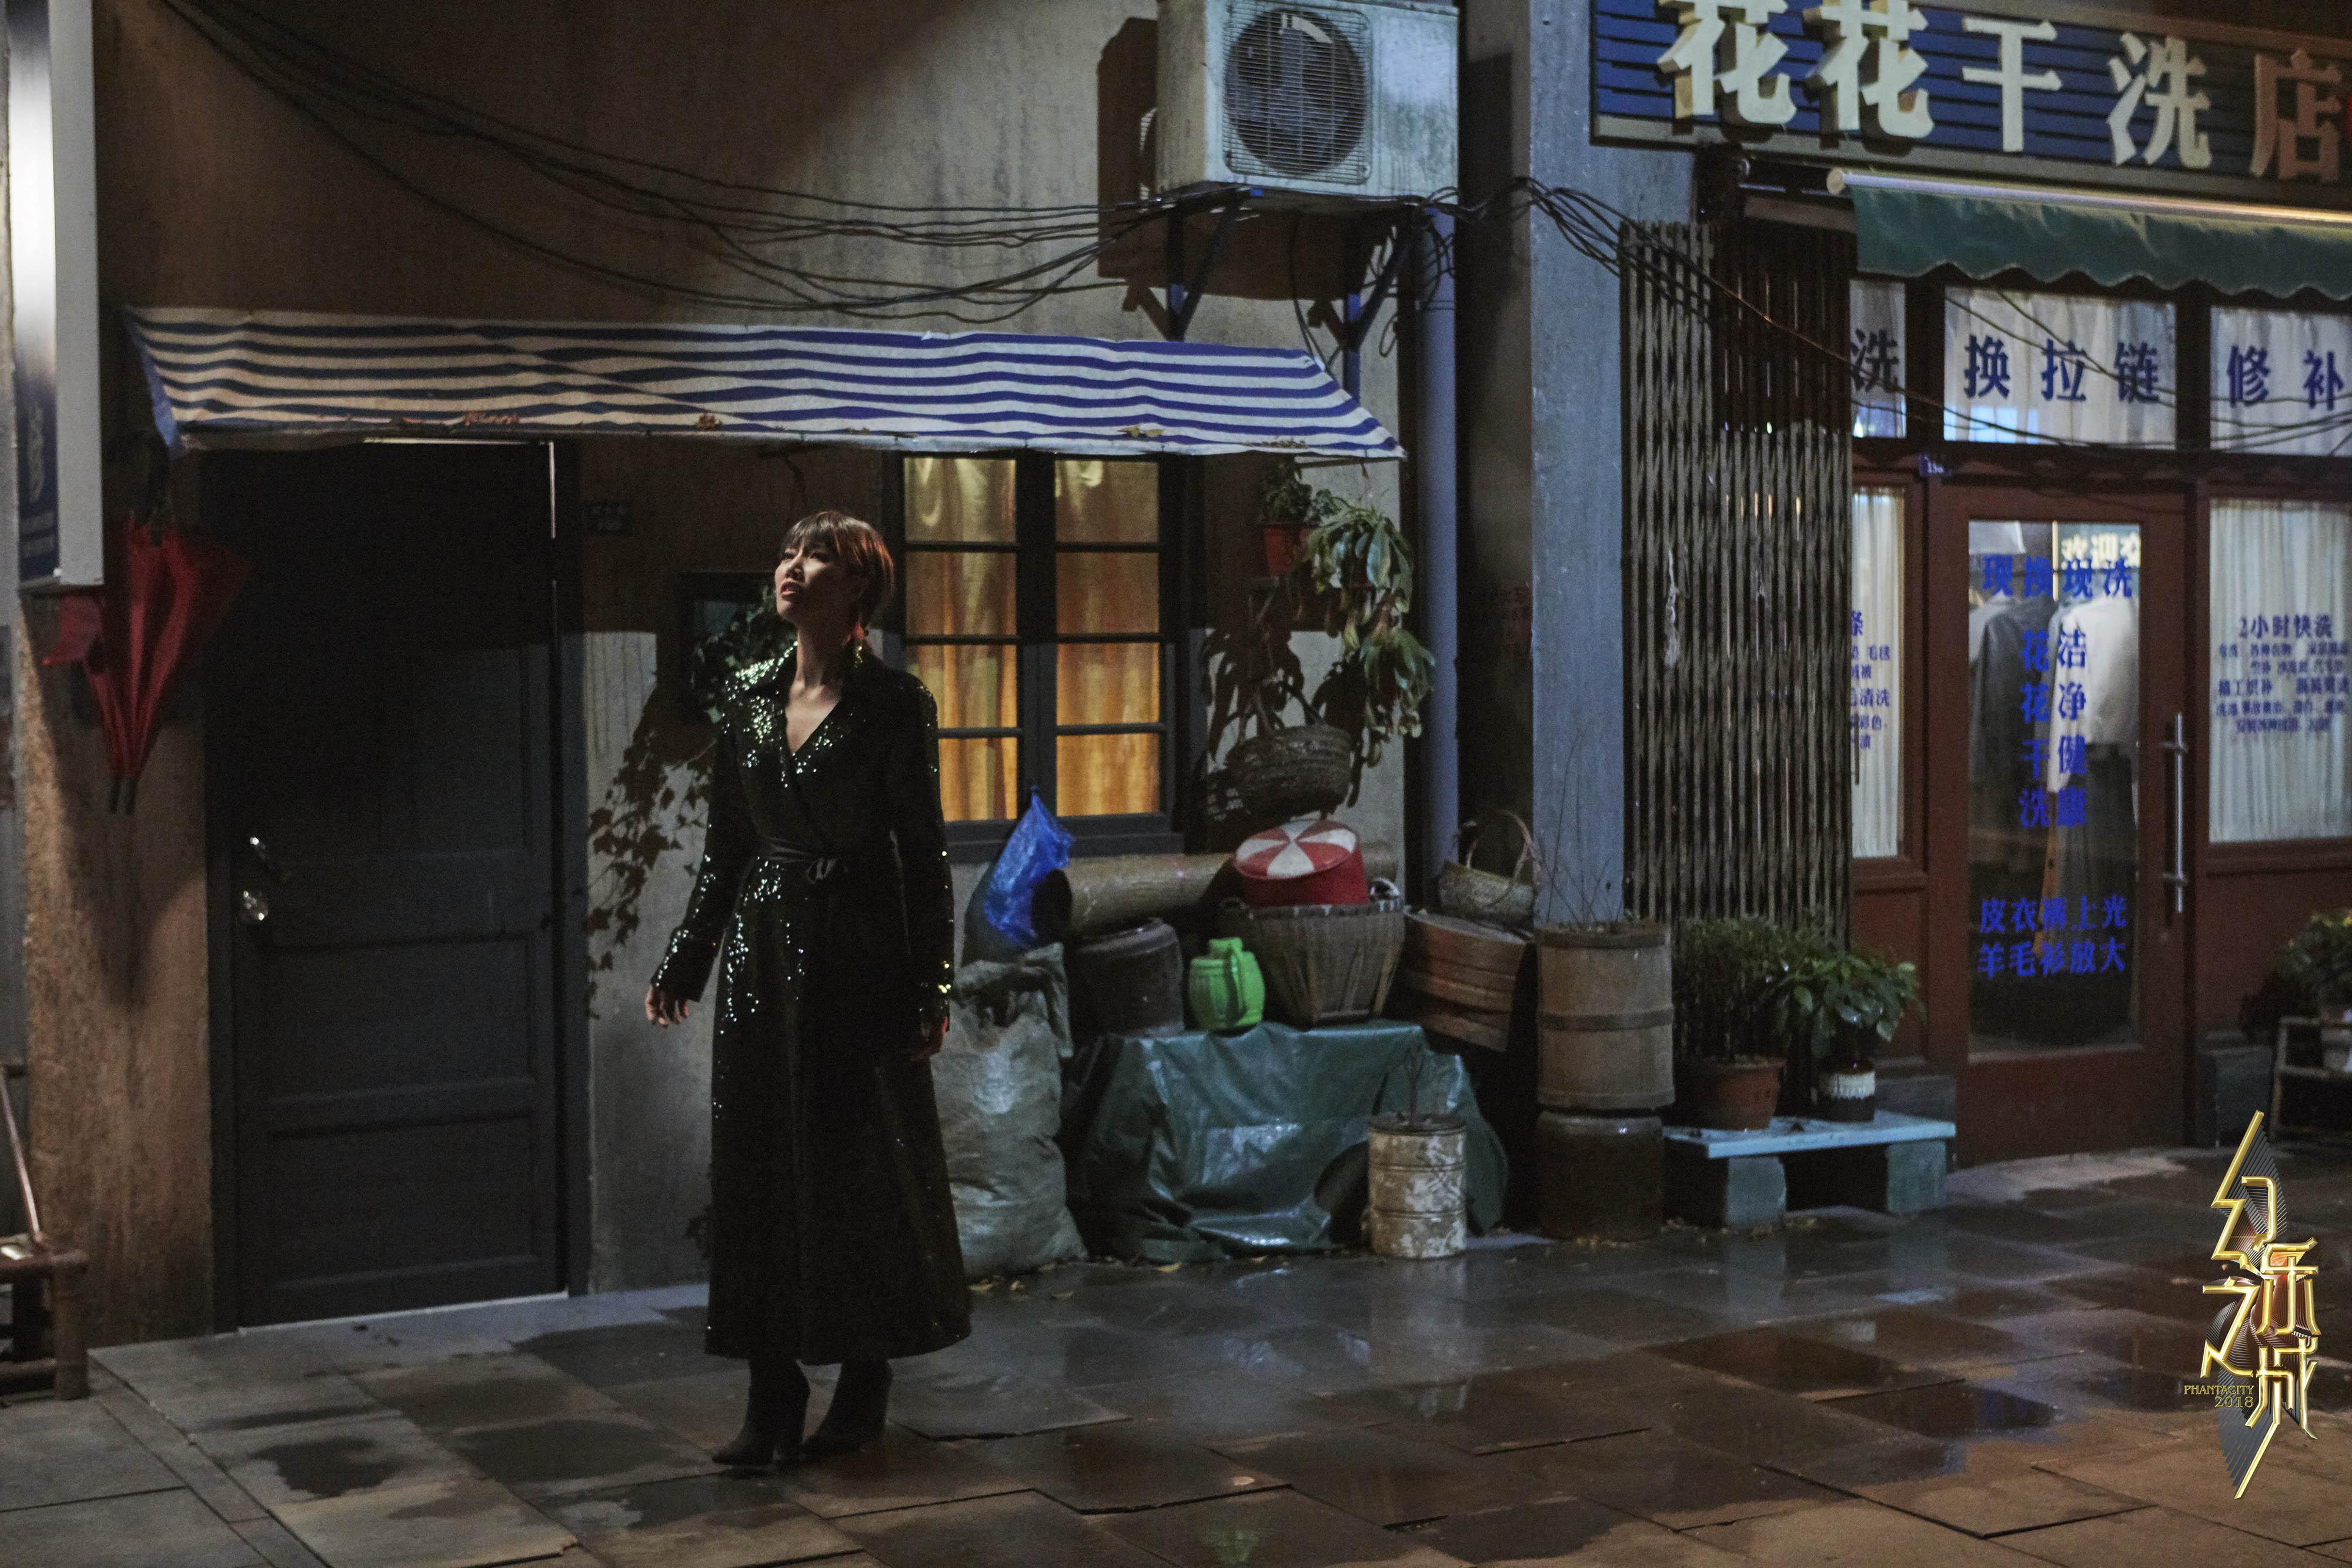 《幻乐之城》袁姗姗挑战拳击 张智霖倾诉父爱情深